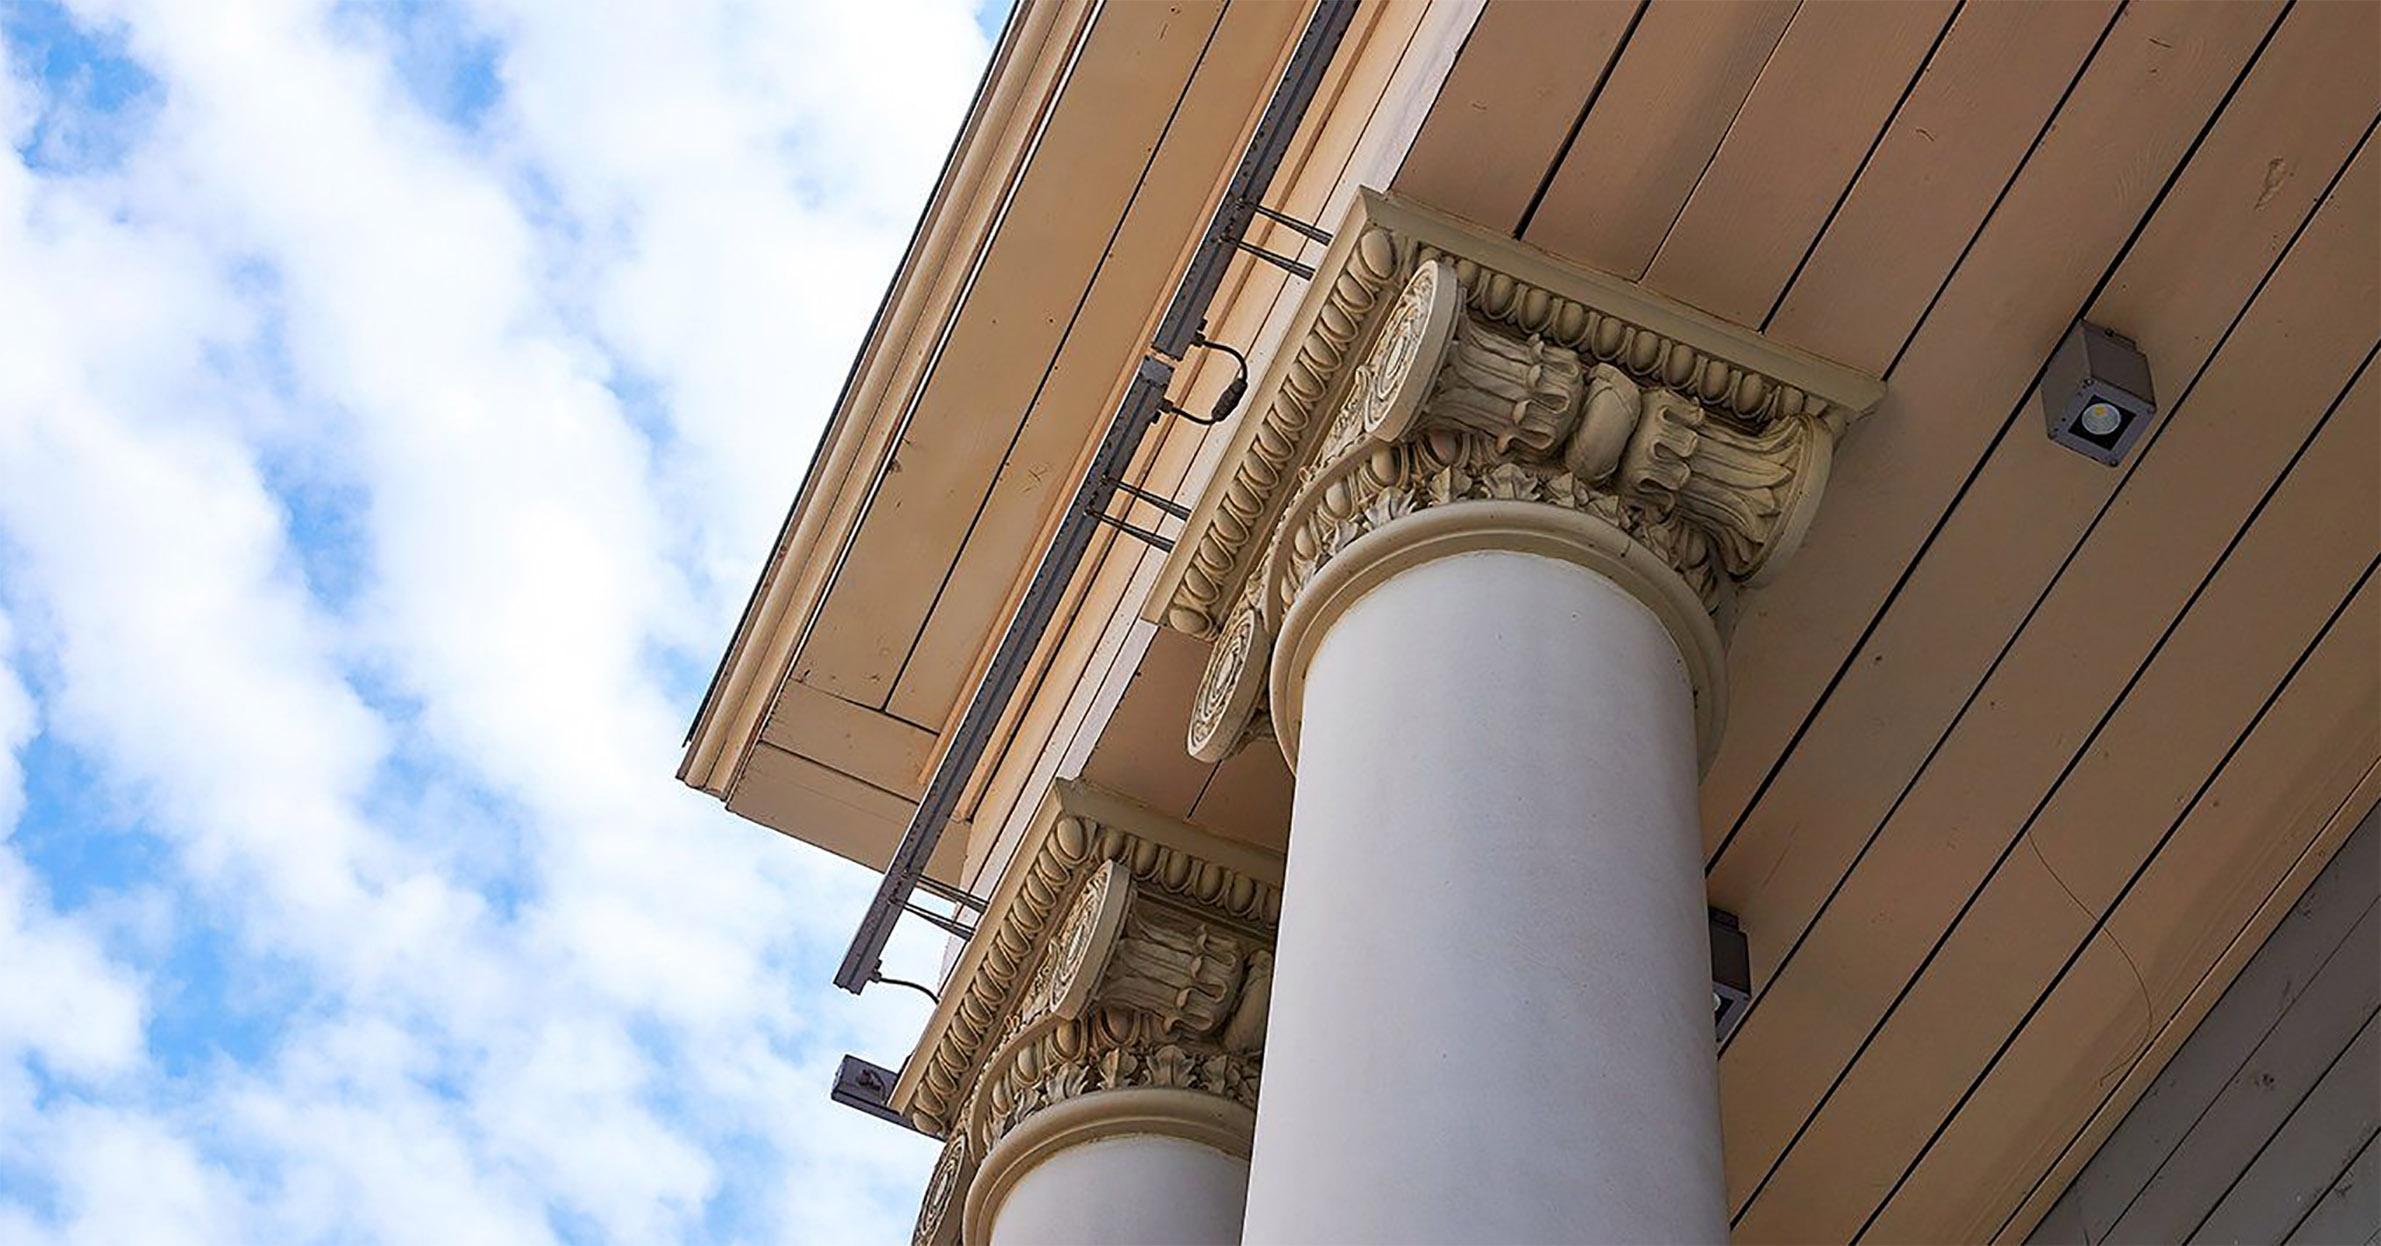 Получена лицензия на деятельность по сохранению объектов культурного наследия